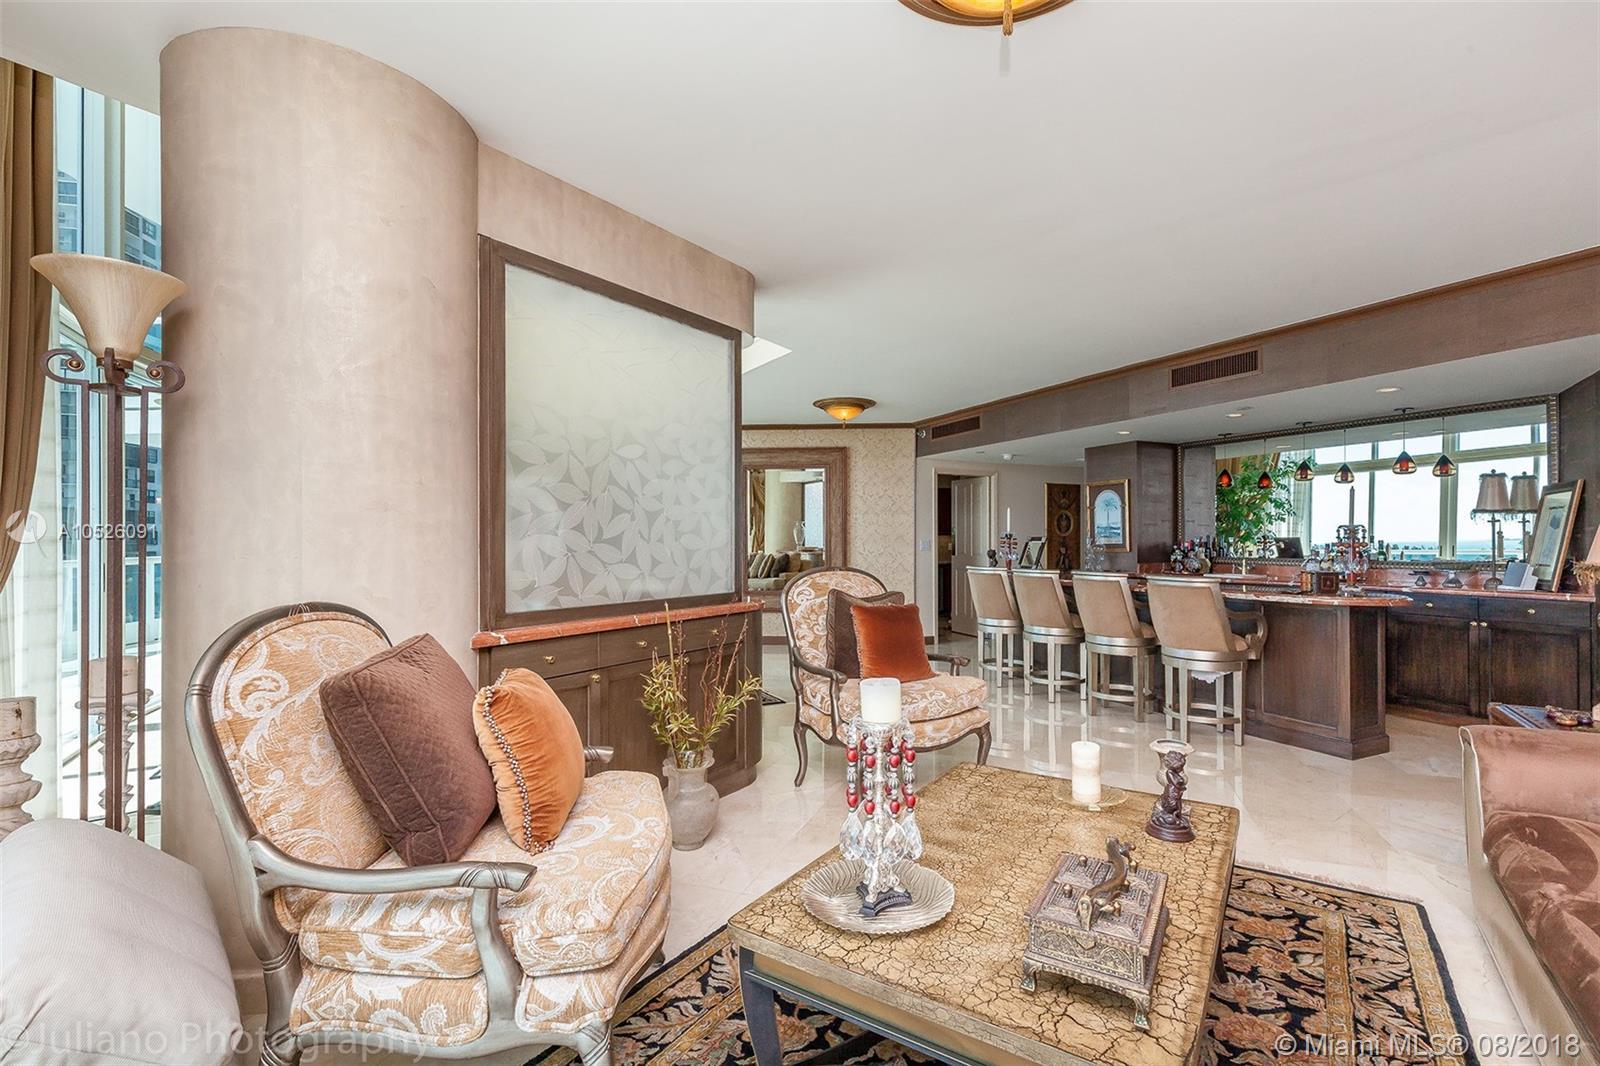 2127 Brickell Avenue, Miami, FL 33129, Bristol Tower Condominium #1103, Brickell, Miami A10526091 image #28